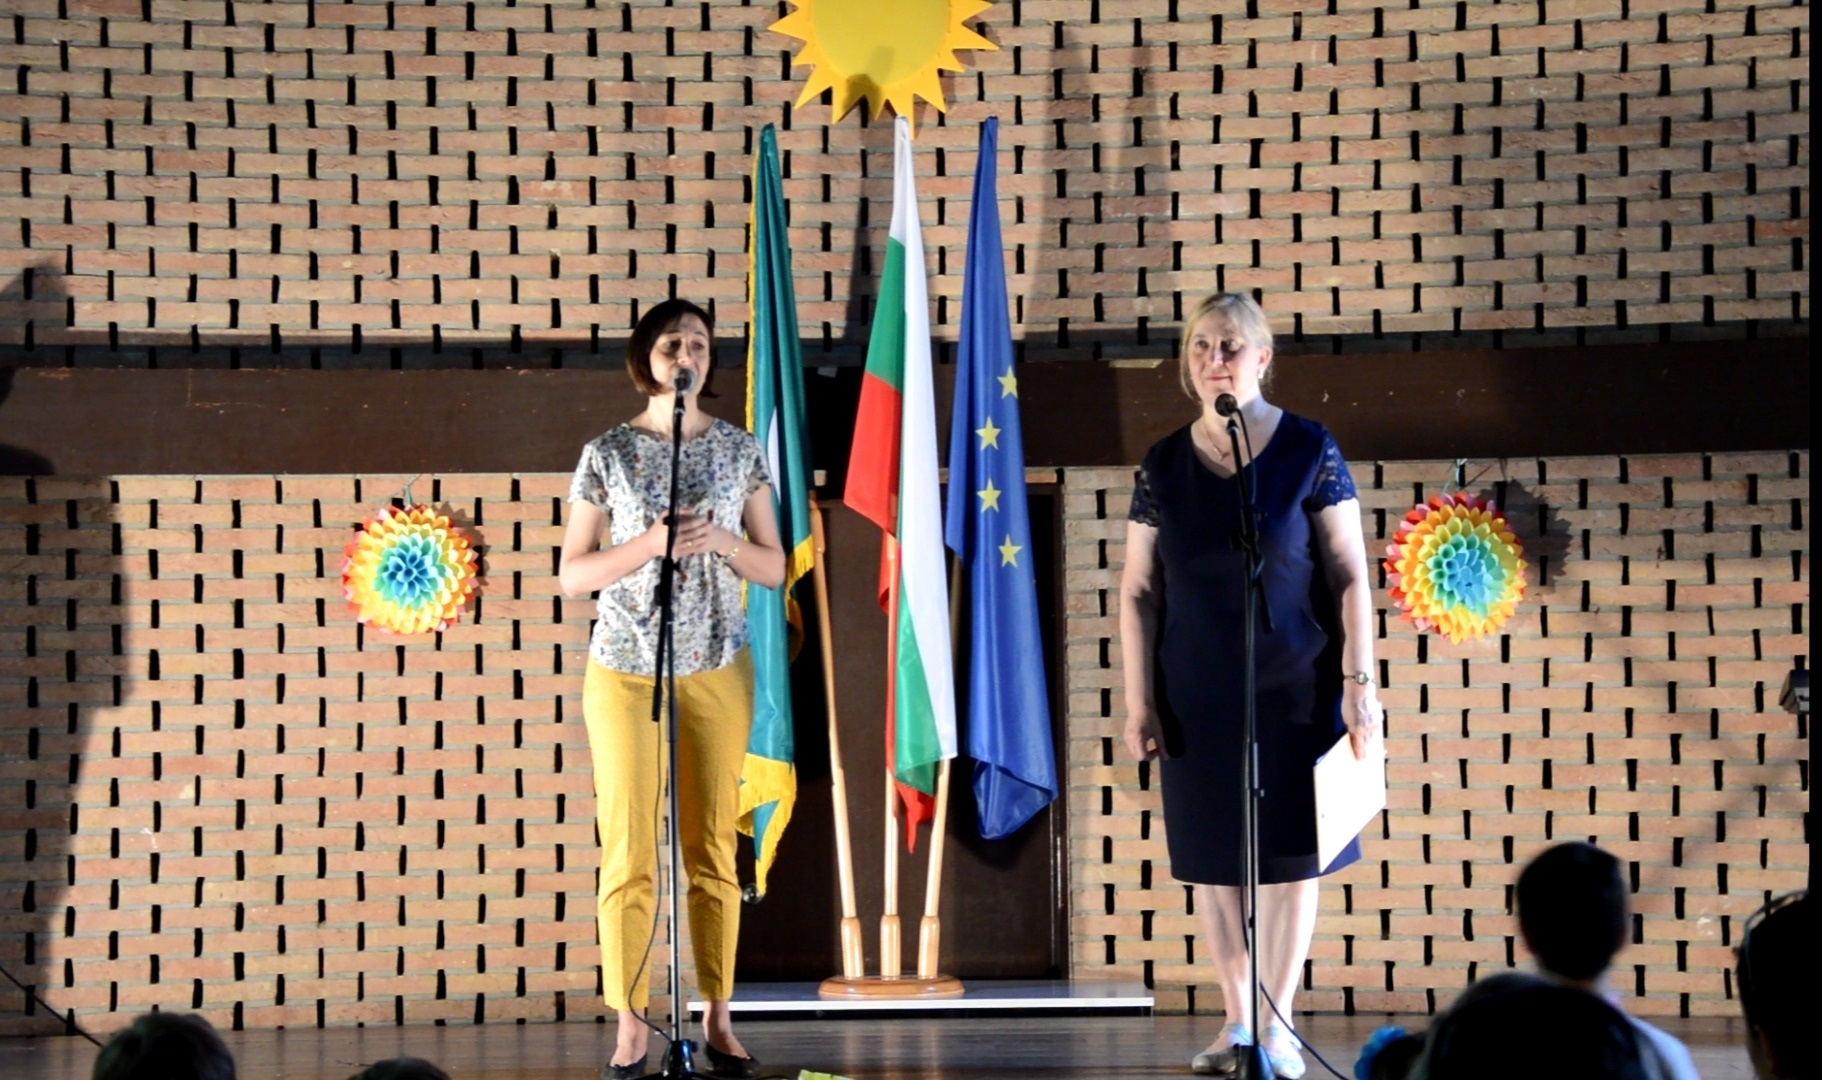 v. naydenova i r. balabanova